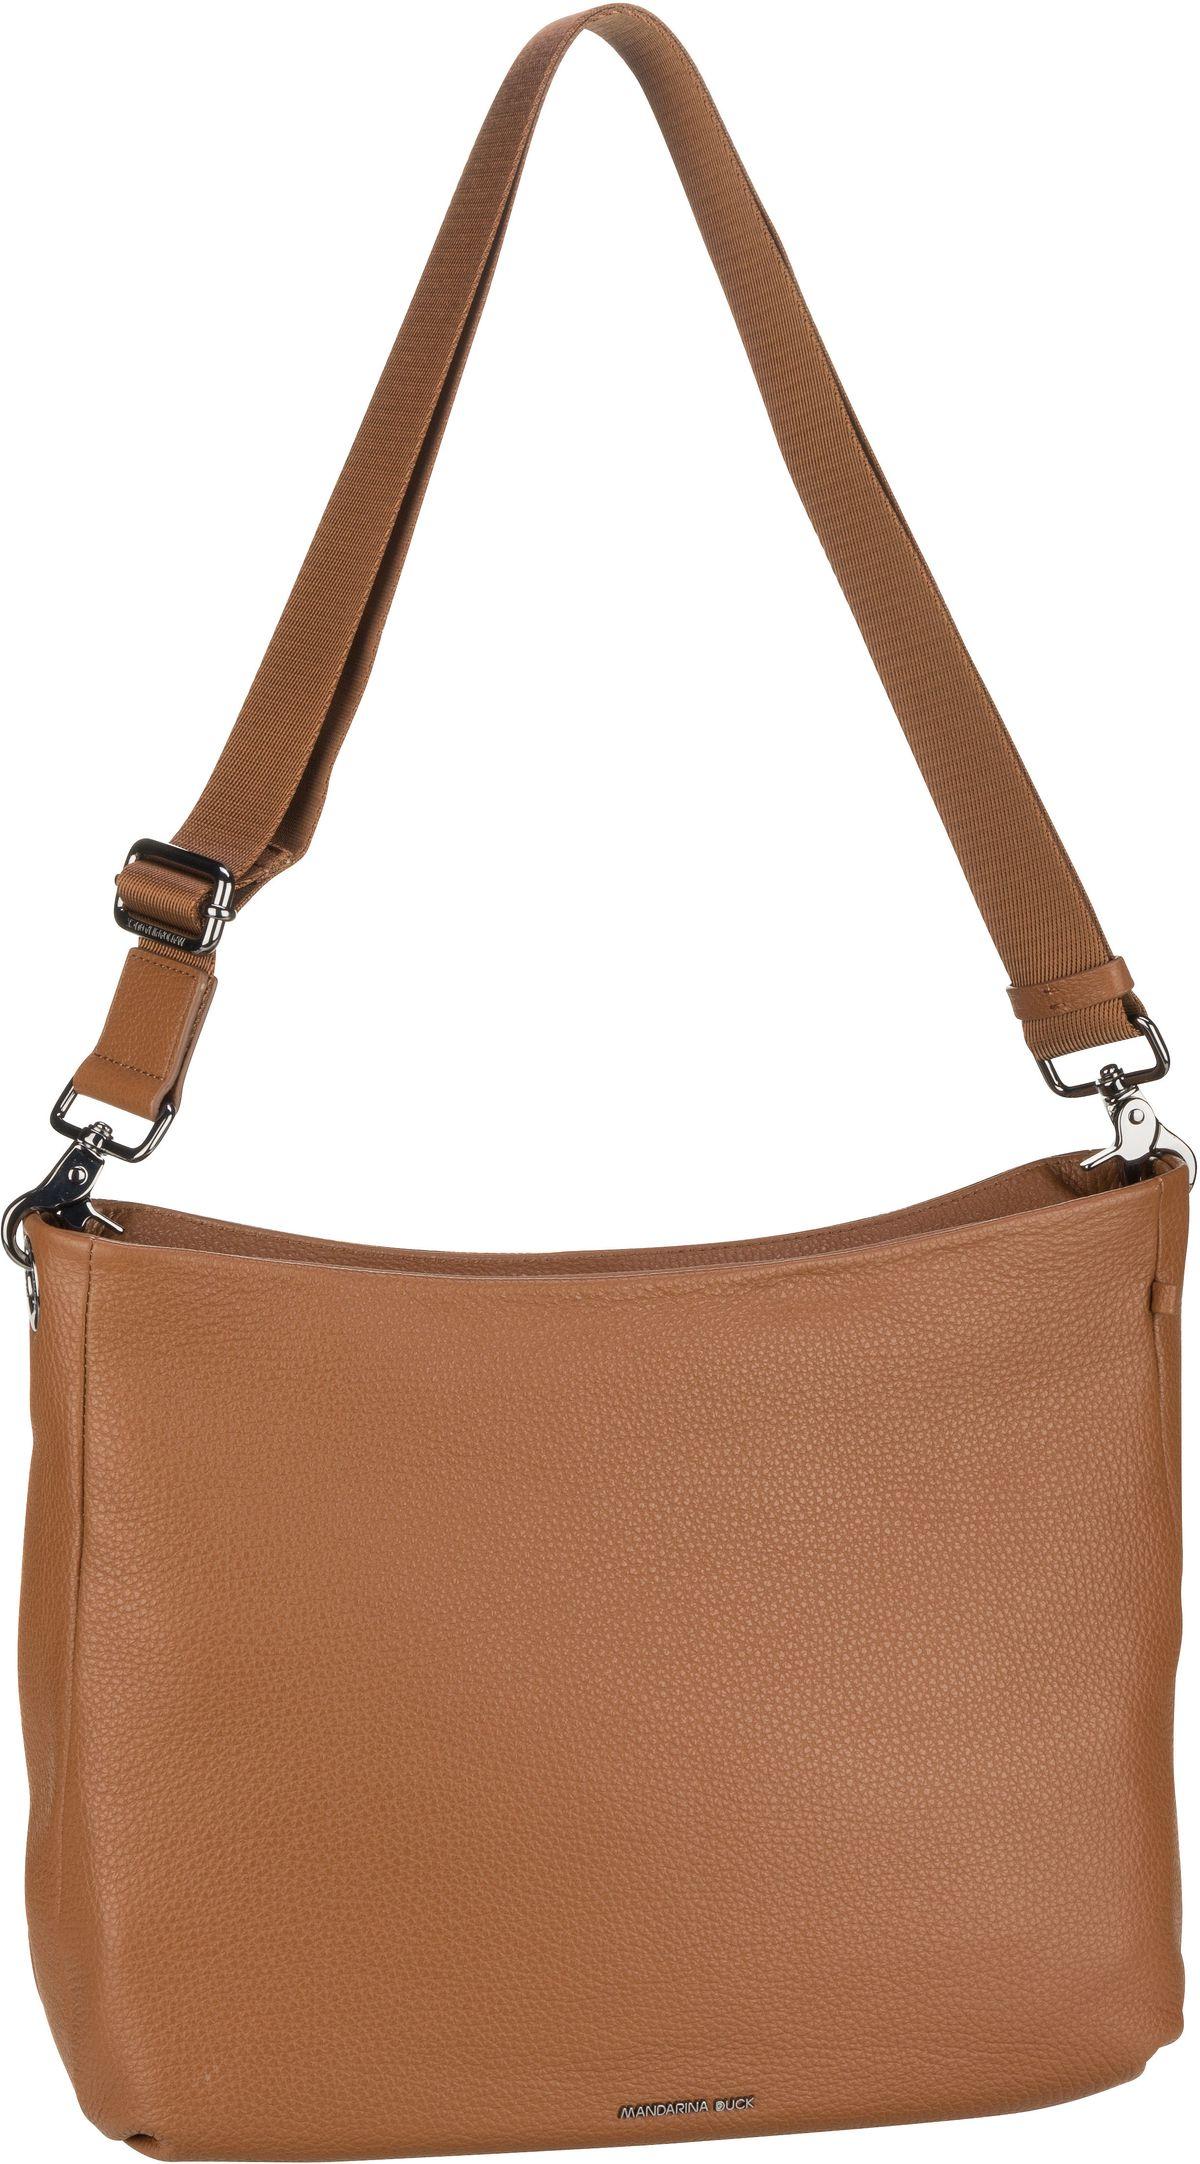 mandarina duck -  Handtasche Mellow Leather Hobo FZT34 Indian Tan